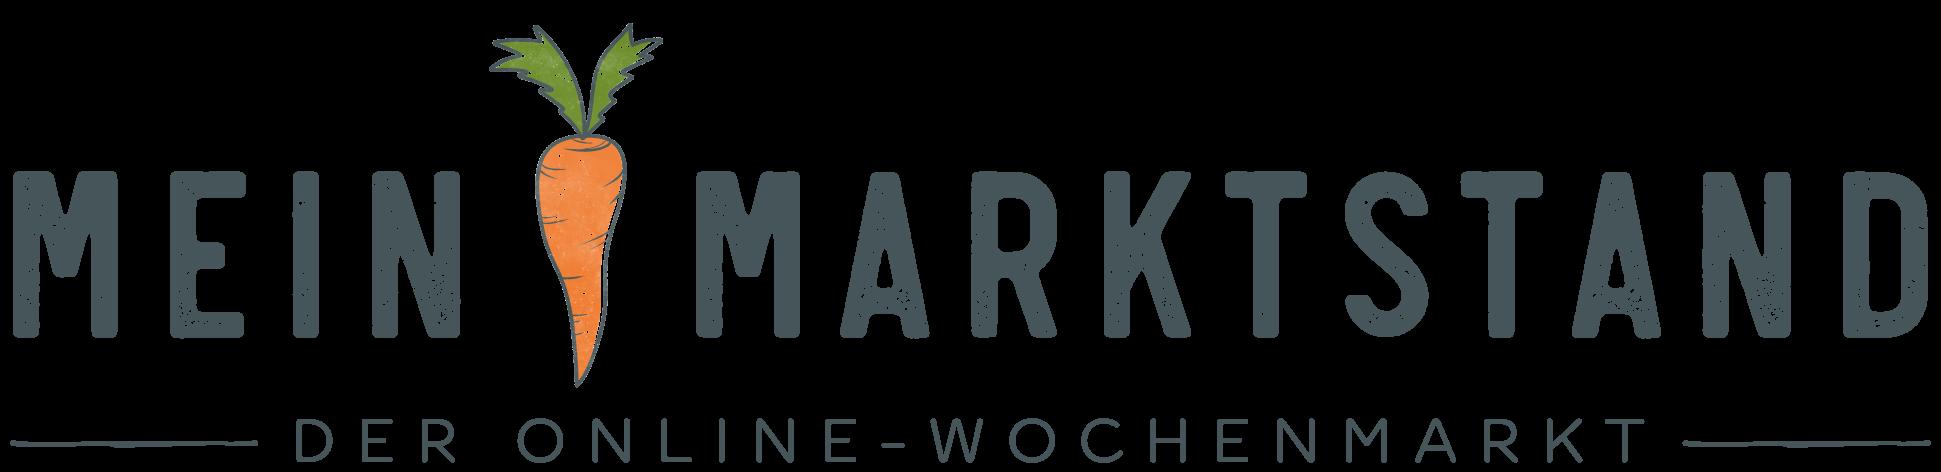 MeinMarktstand A&I